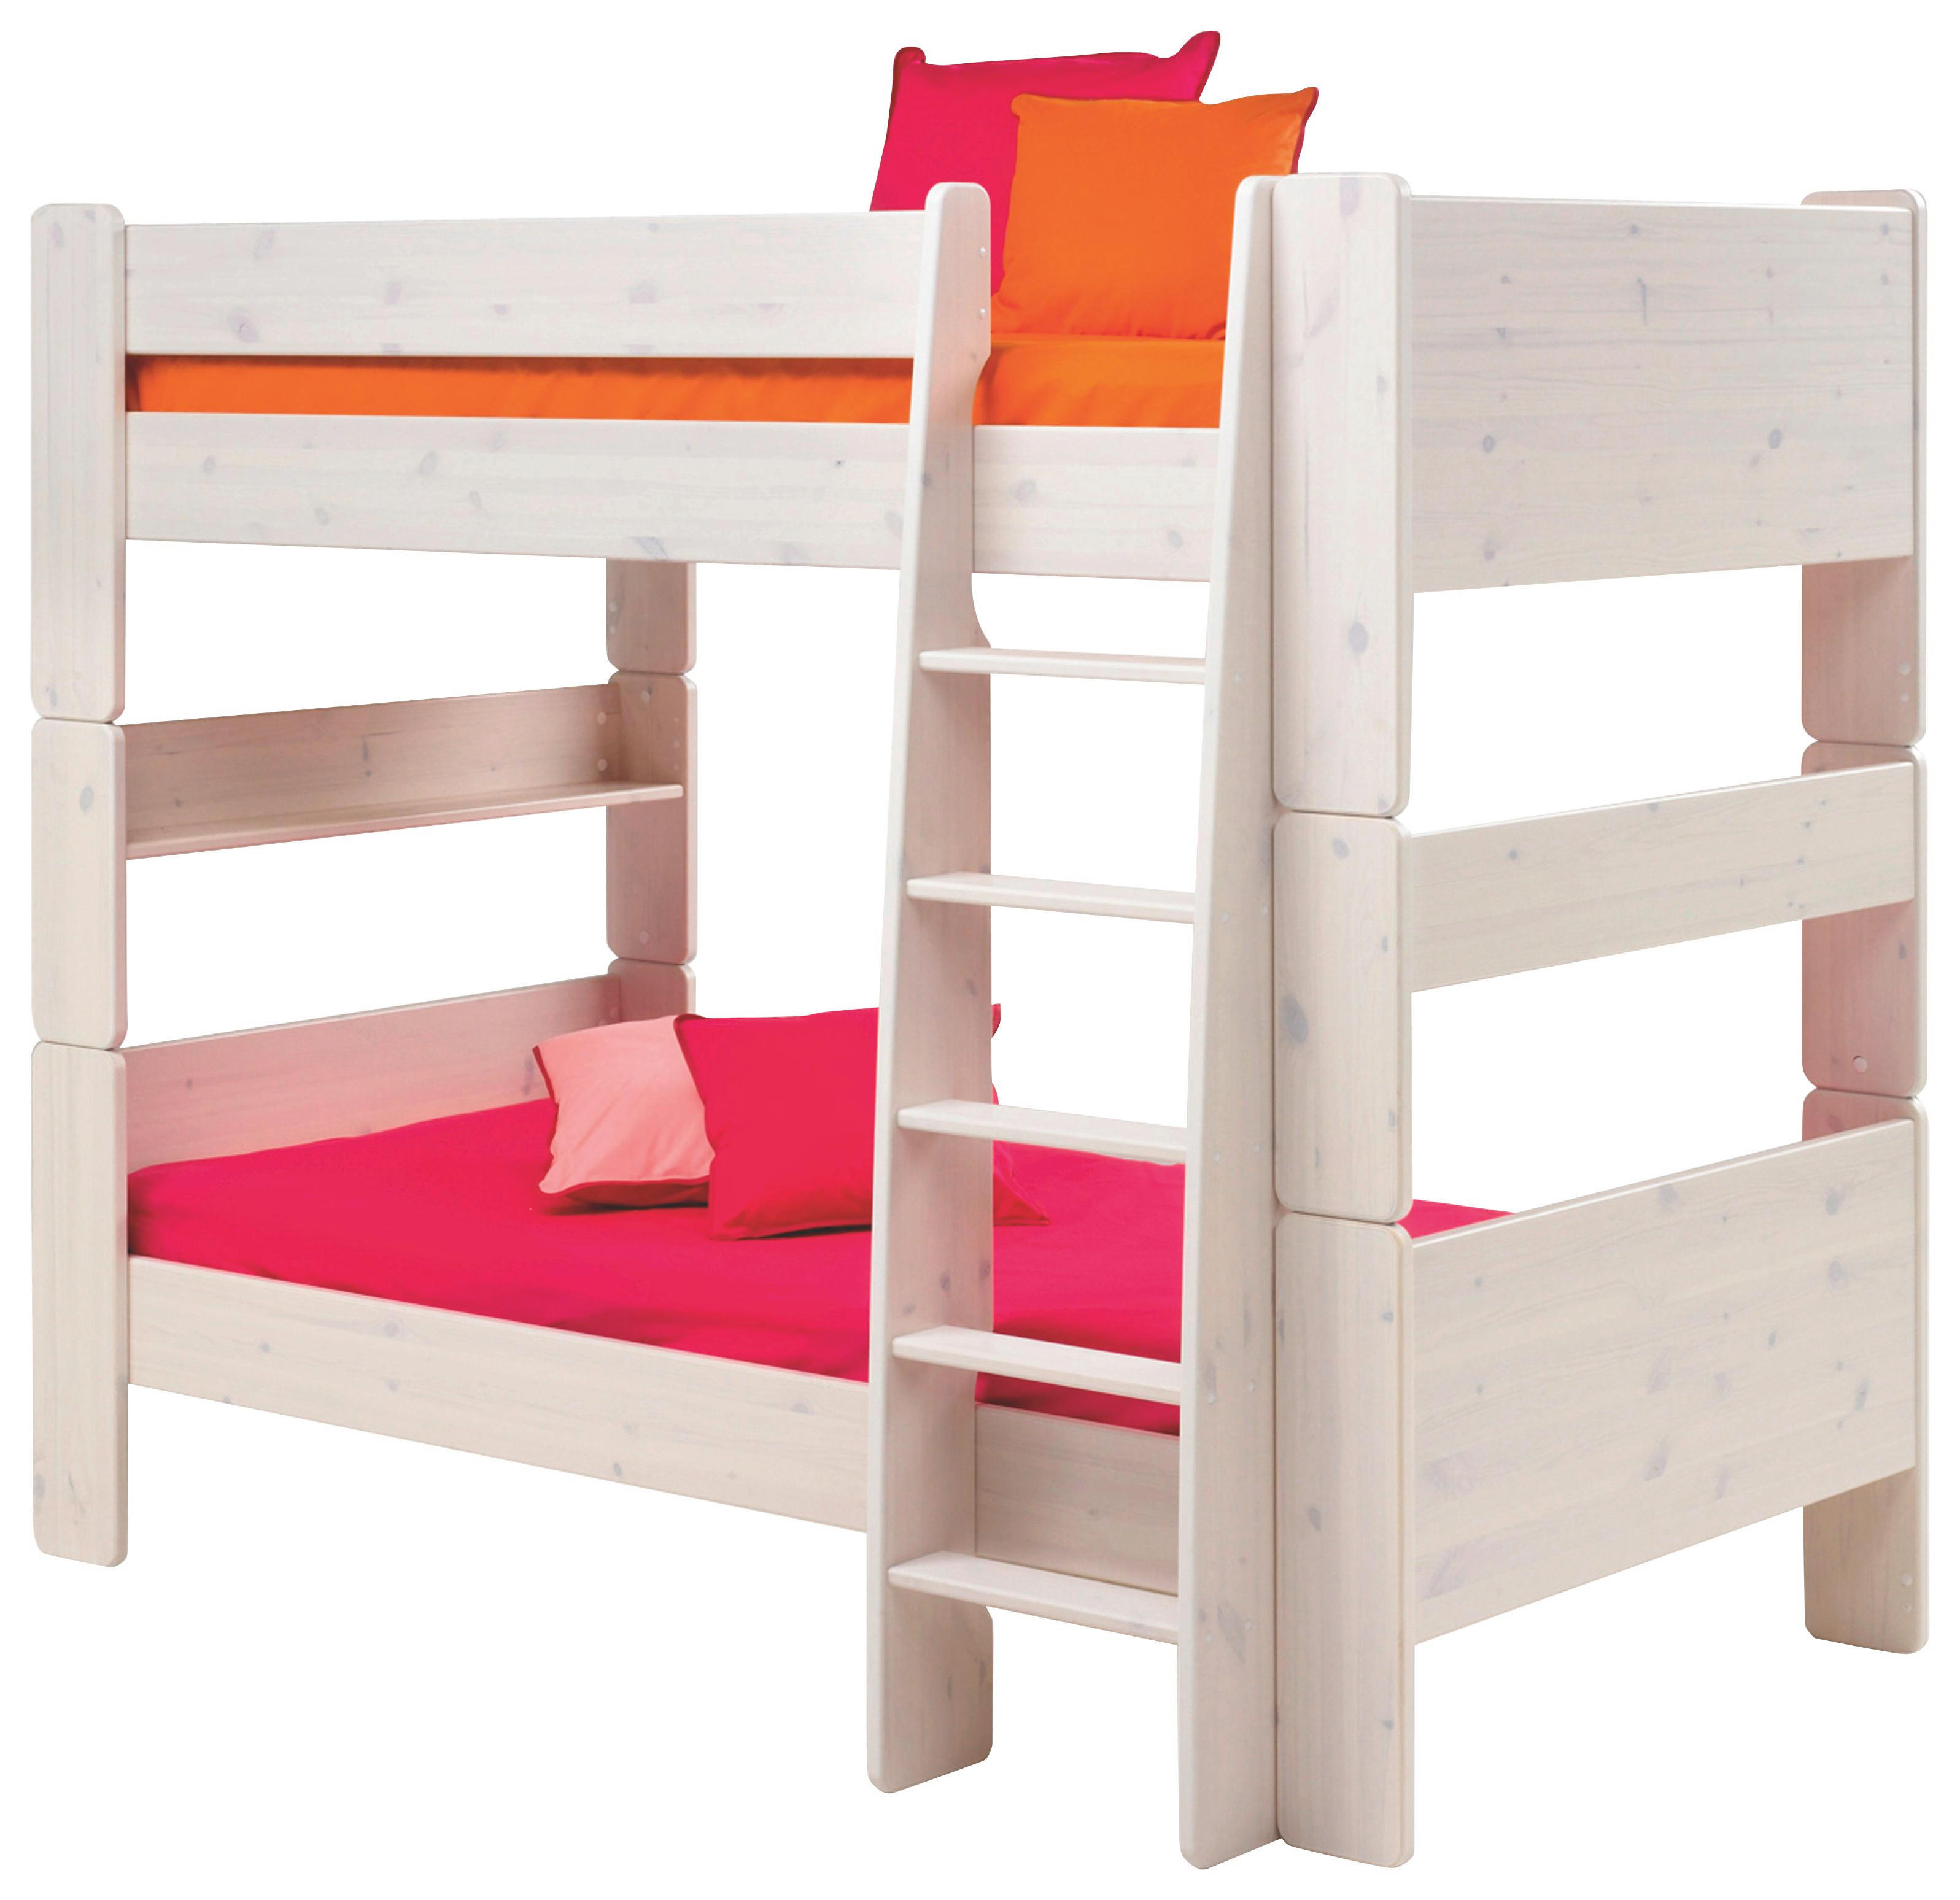 ETAGENBETT Kiefer massiv Weiß - Weiß, Design, Holz (206/164/114cm) - CARRYHOME